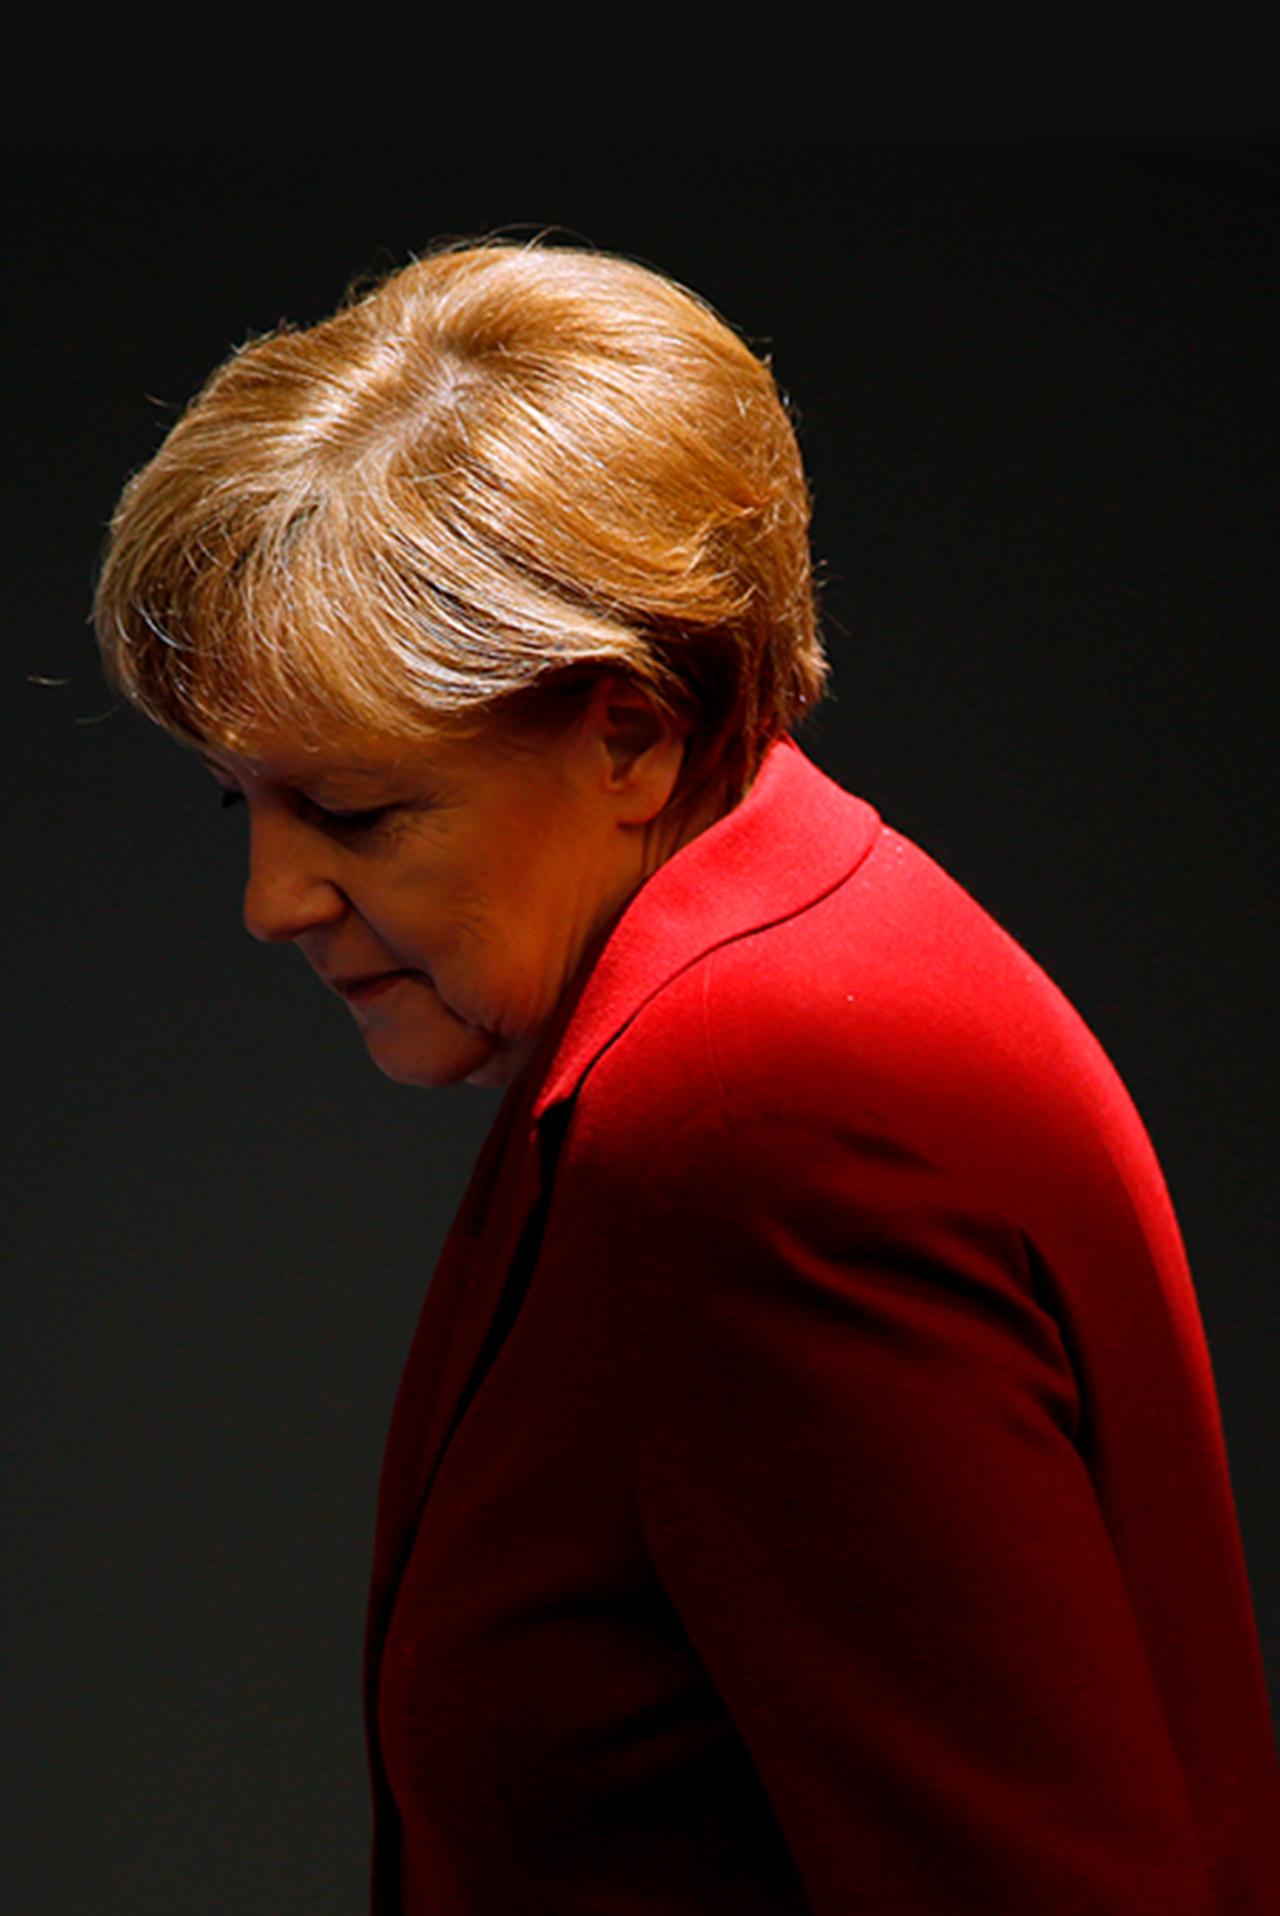 La canciller alemana, Angela Merkel, asiste a un debate en el Bundestag, la cámara baja del parlamento, en Berlín, el 19 de marzo de 2015. Merkel está ansiosa por hablar y posiblemente discutir con el griego Alexis Tsipras cuando haga su primera visita a Berlín como primer ministro. ministro el próximo lunes, dijo al parlamento alemán poco antes de la cumbre de la UE del jueves. REUTERS / Fabrizio Bensch